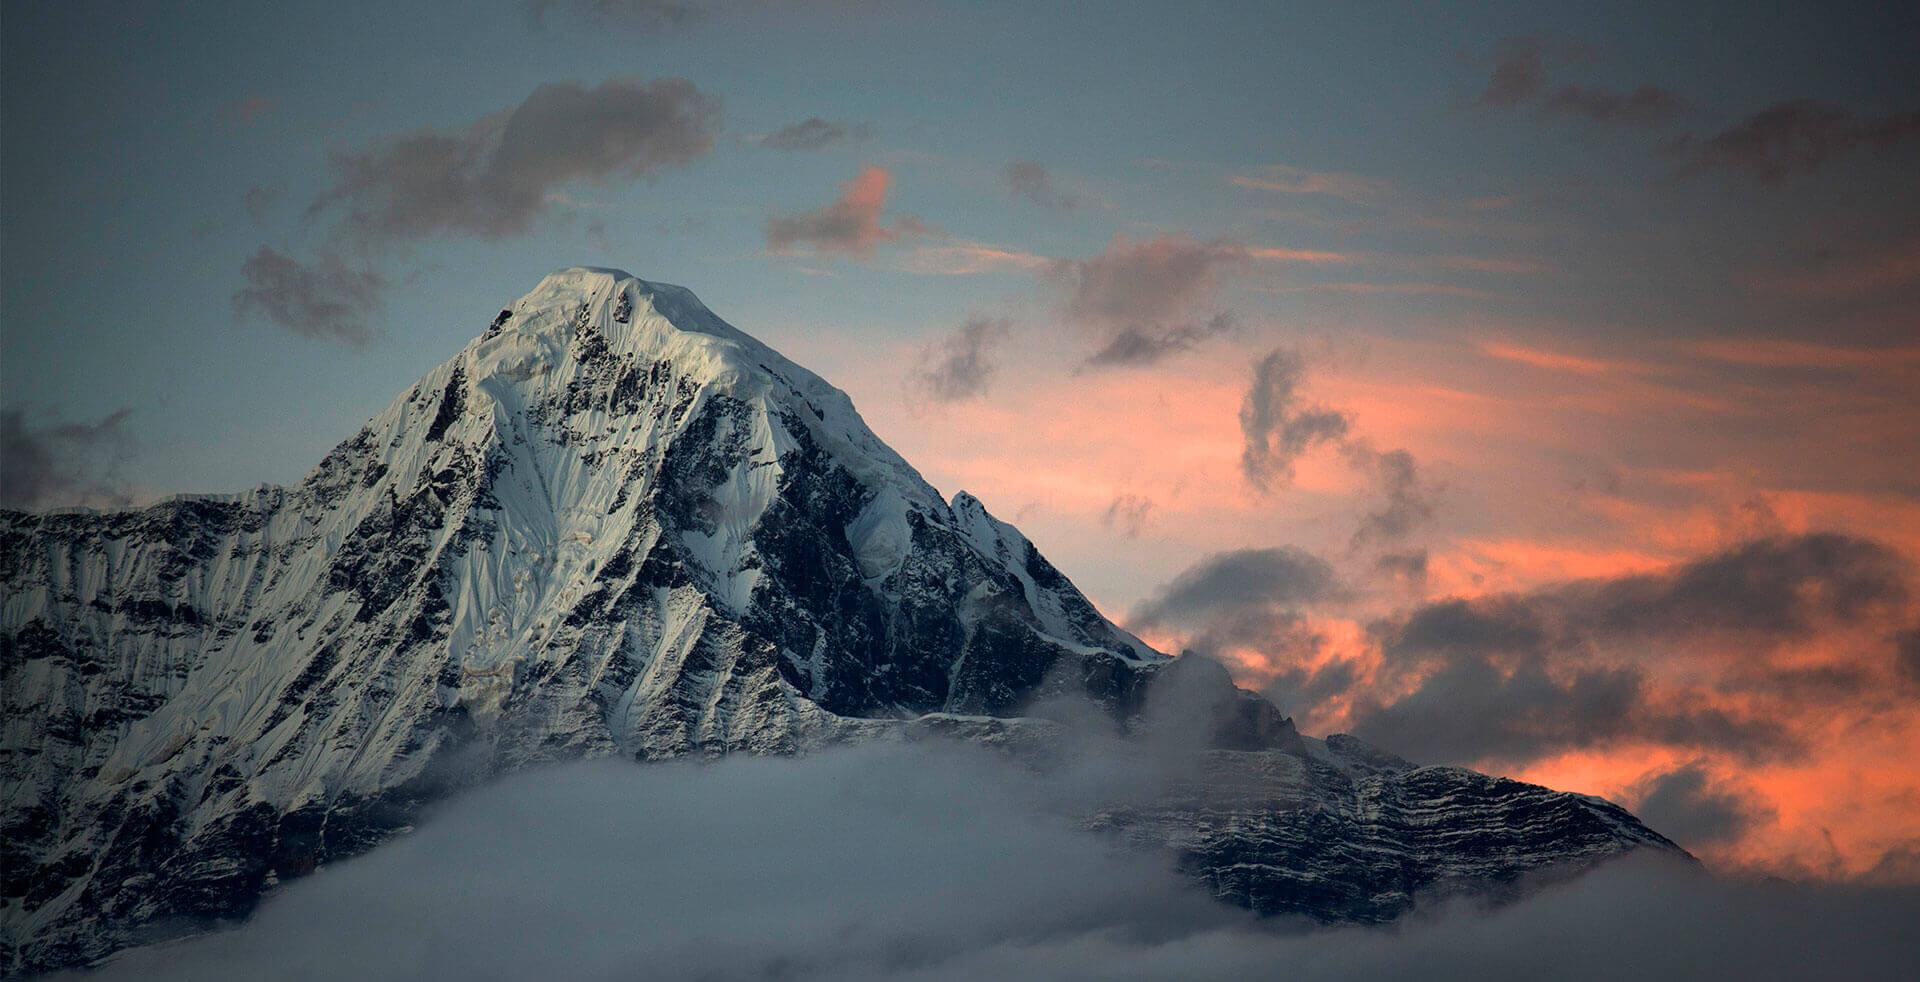 luxury trekking in nepal yeti mountain home ymh lodge